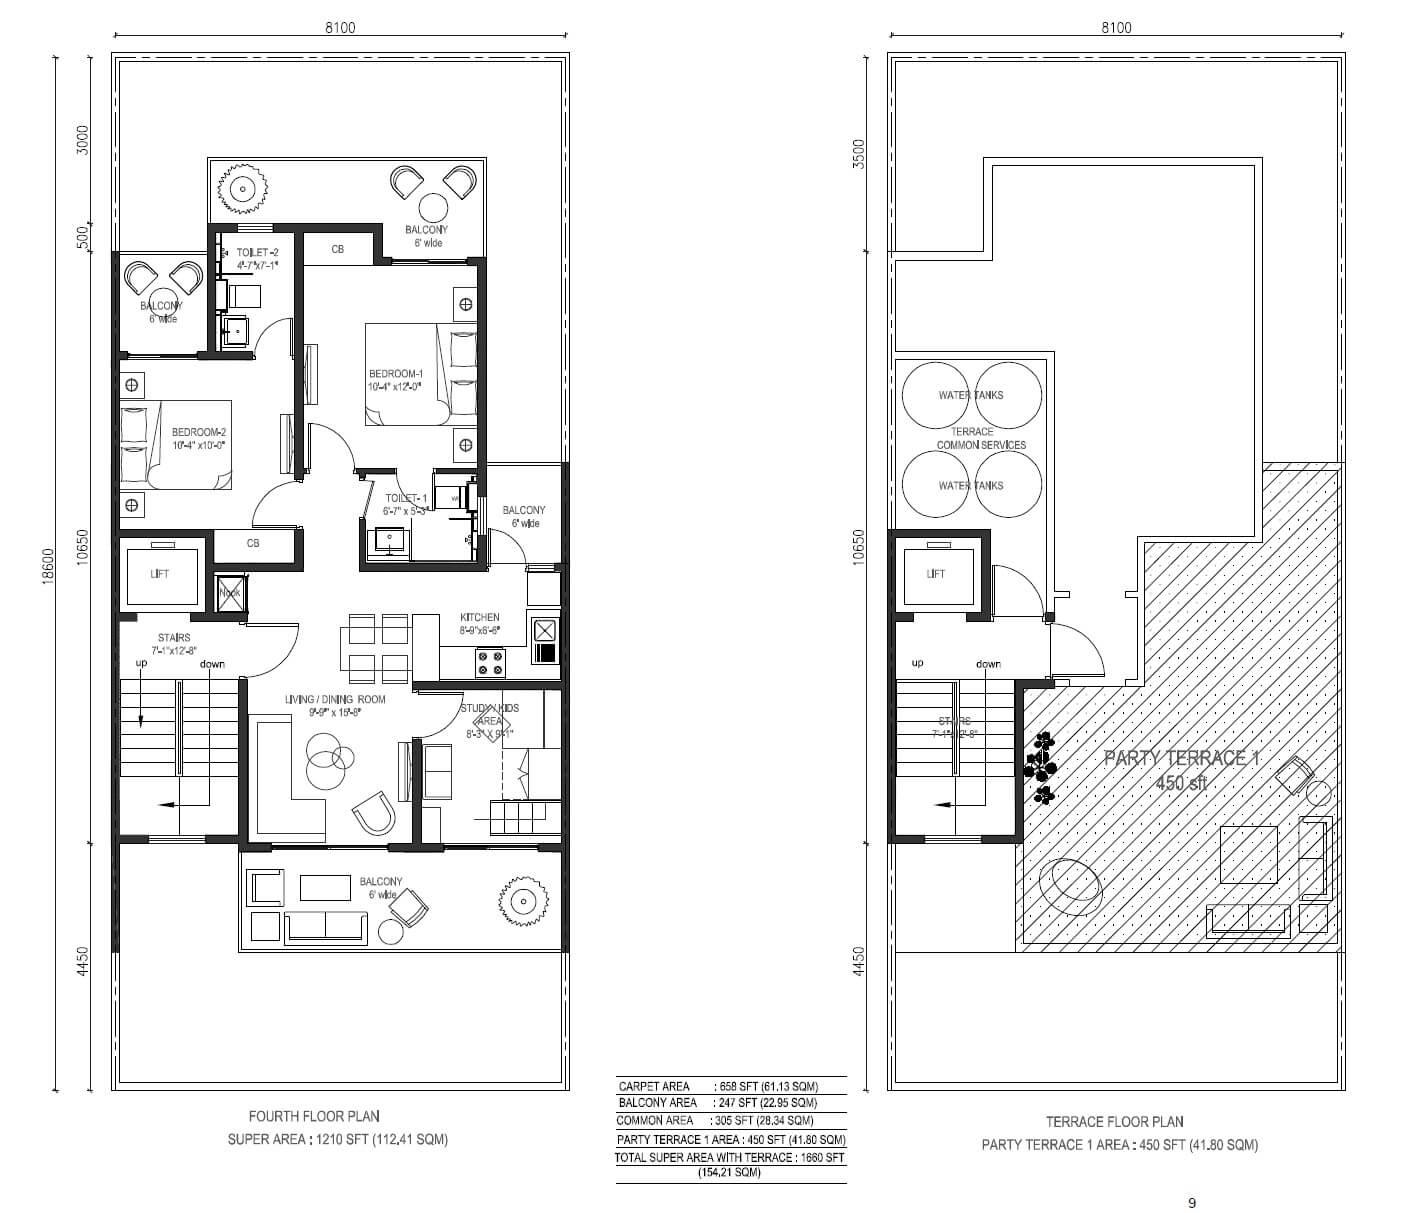 central park cerise suites apartment 2bhk st 1660sqft 1